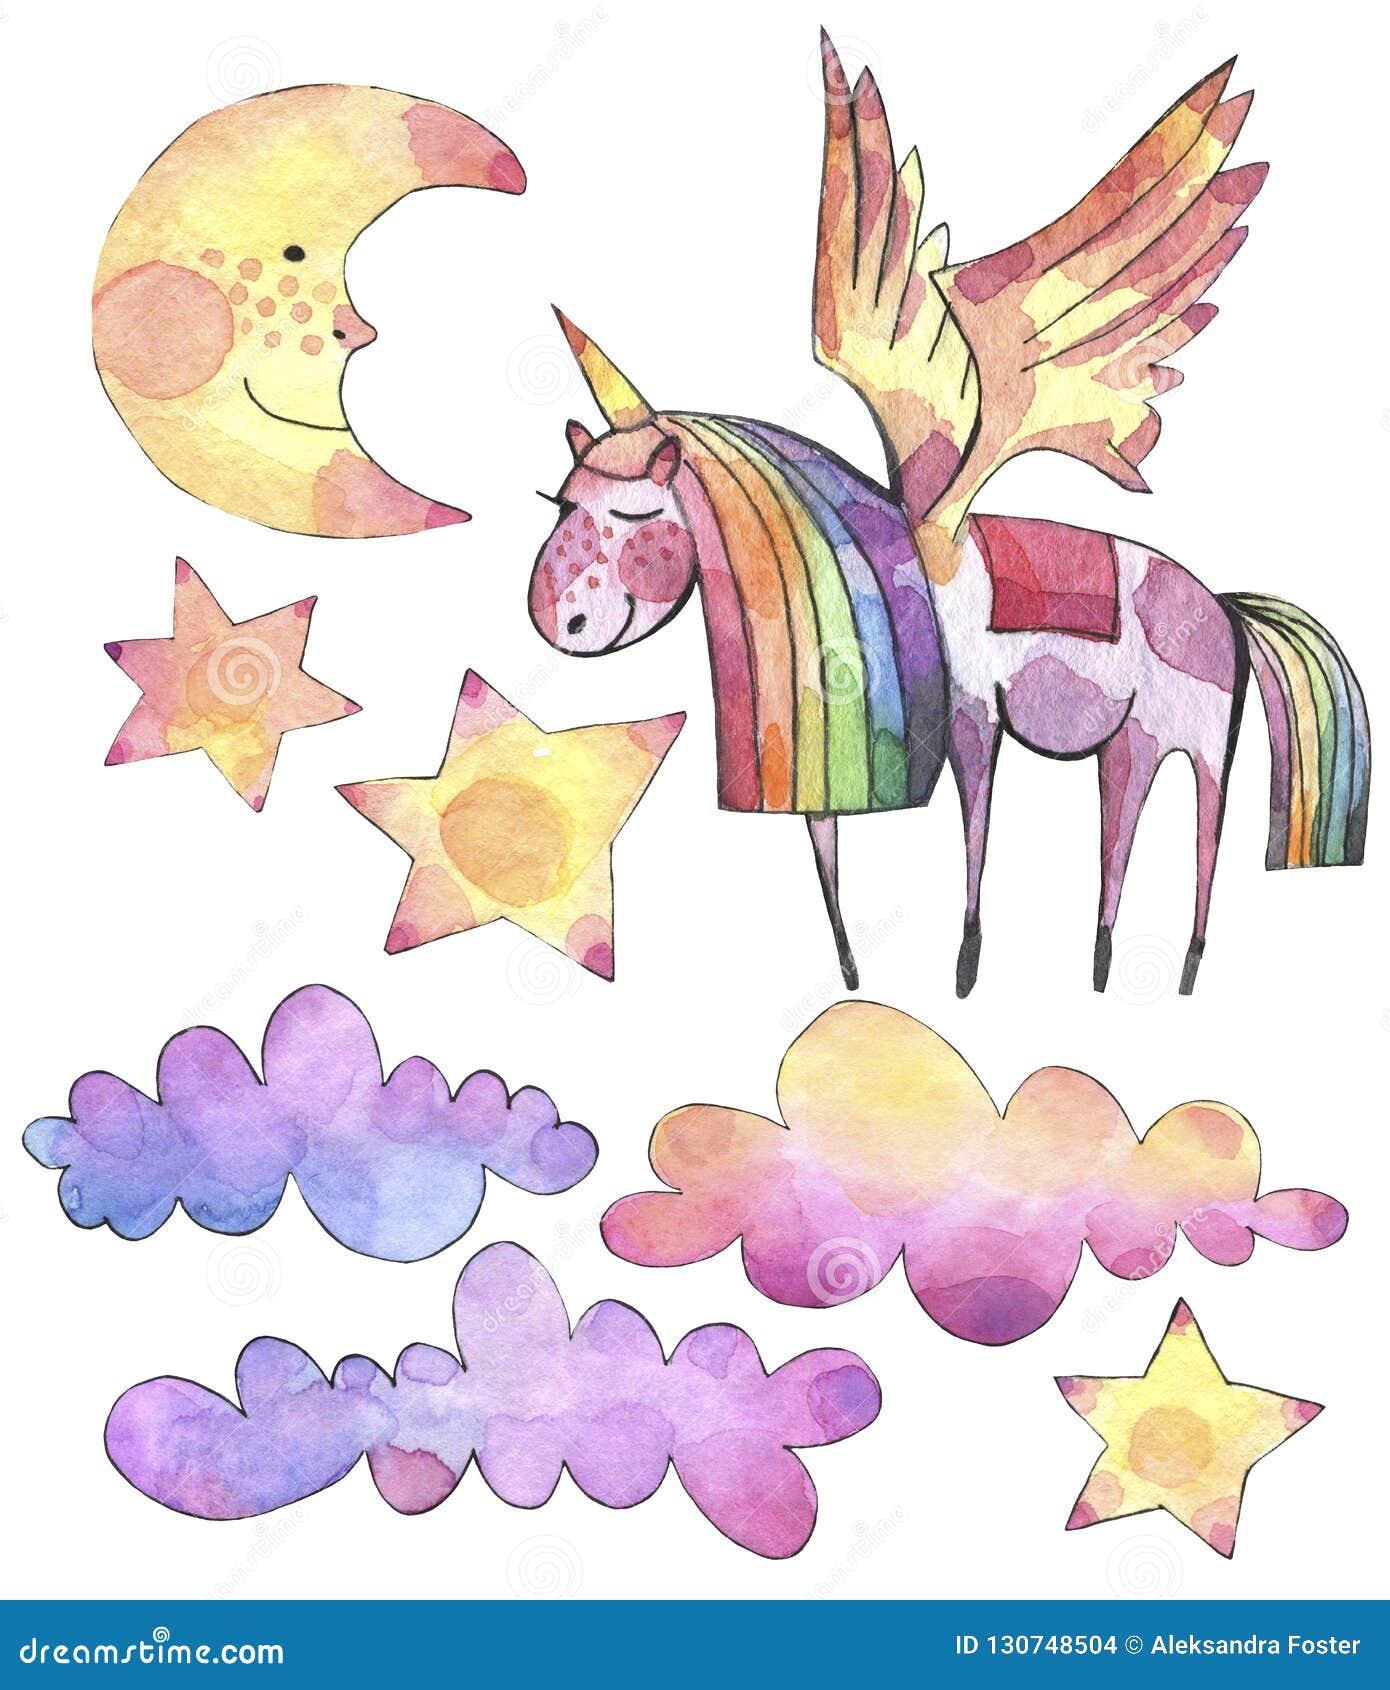 Aquarela ajustada com unicórnio, as nuvens do arco-íris e as estrelas brilhantes no fundo branco